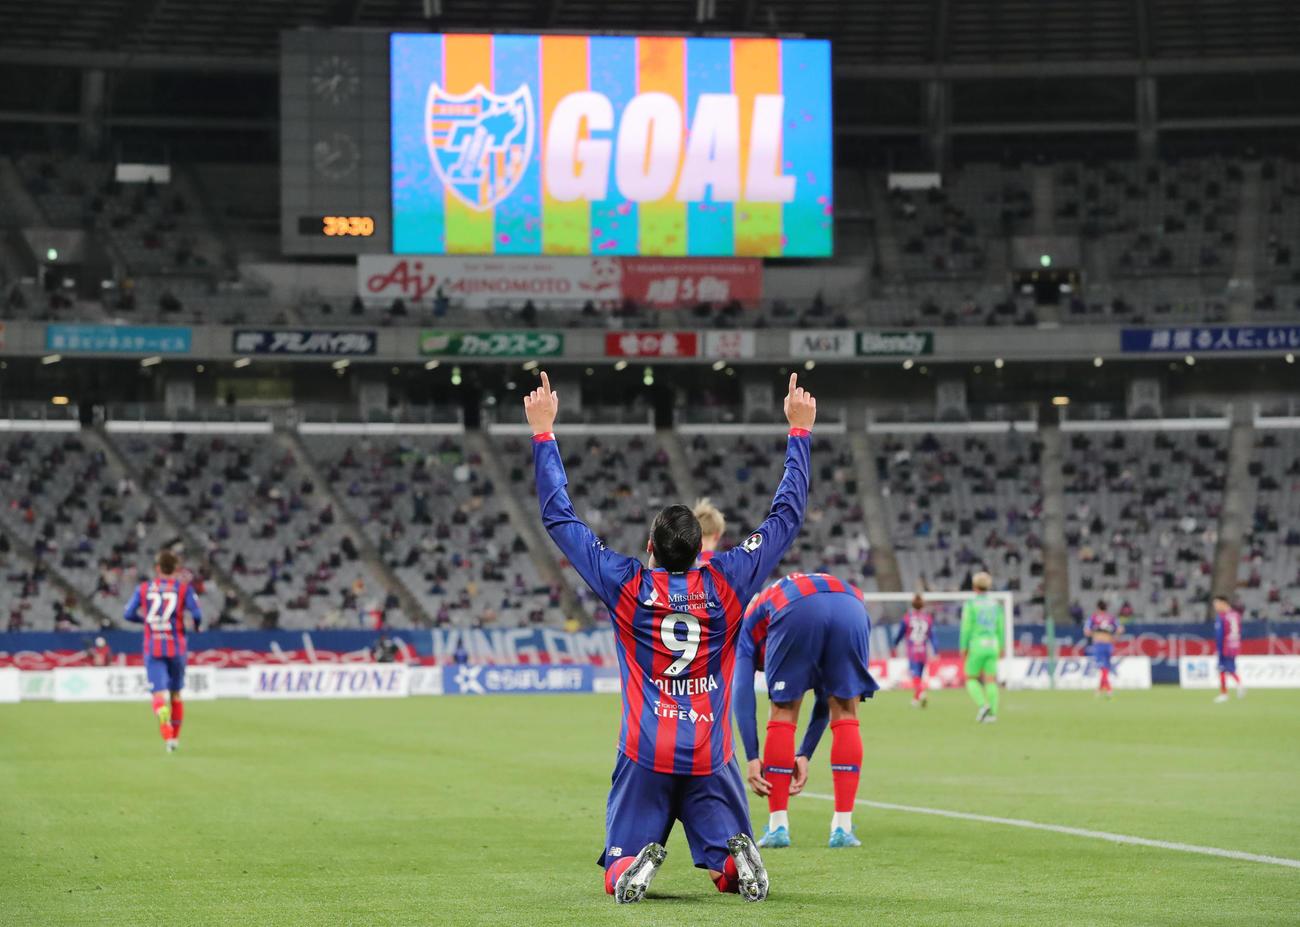 東京対湘南 前半、クロスにヘディングで合わせゴールを決めた東京FWディエゴ・オリヴェイラ(手前)はポーズを決める(撮影・垰建太)